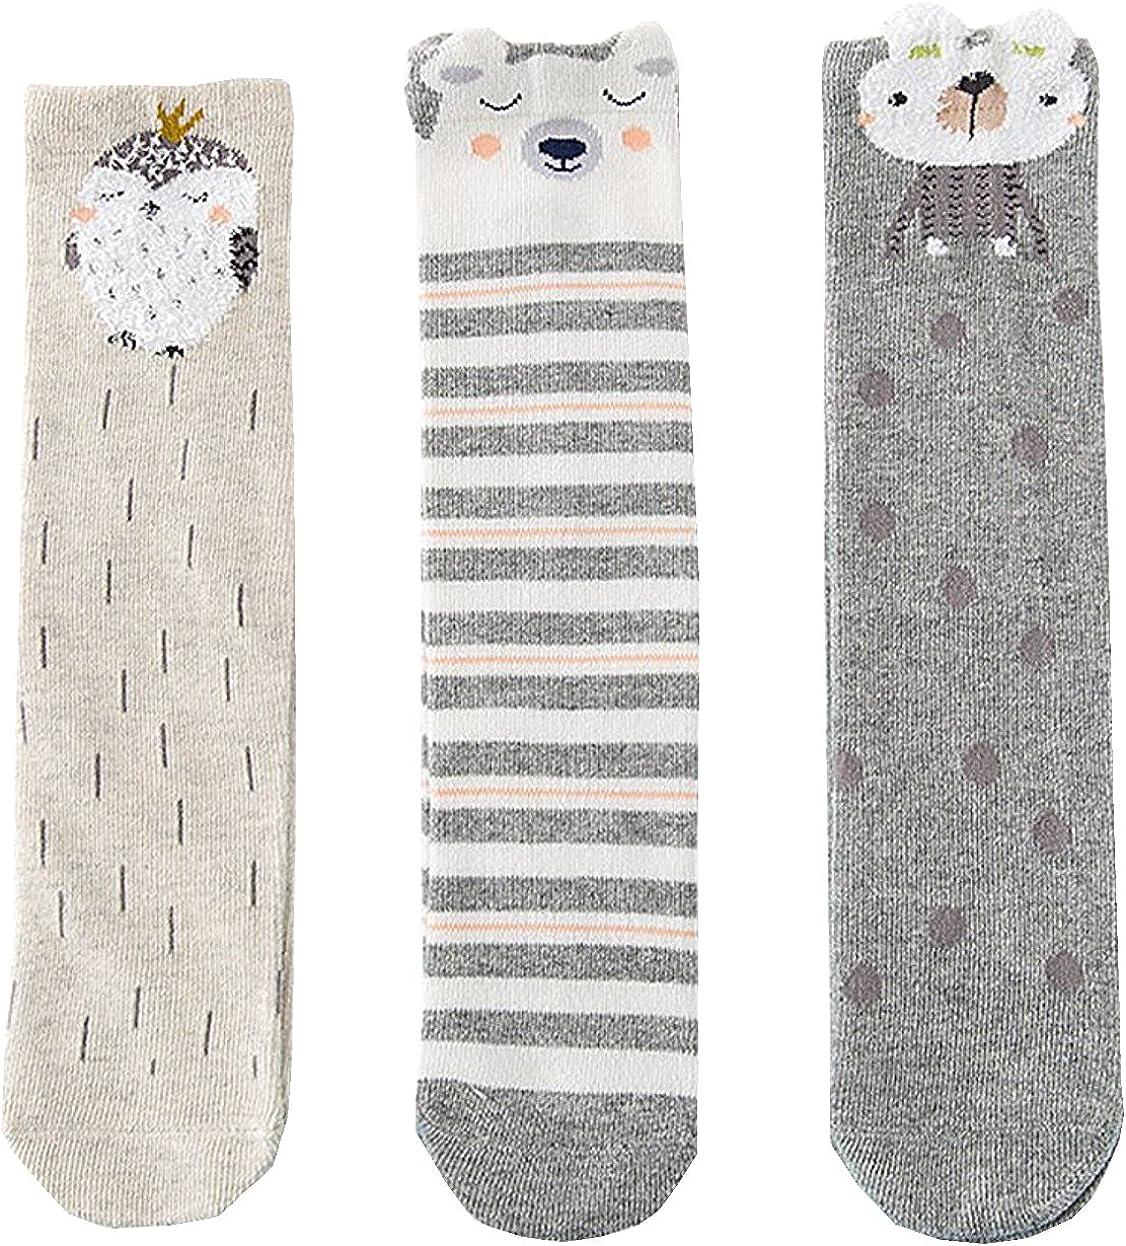 Unisex Baby Socks Toddler Girl Knee High Socks Leg Warmers Animal Cotton Socks 1-7 Yrs